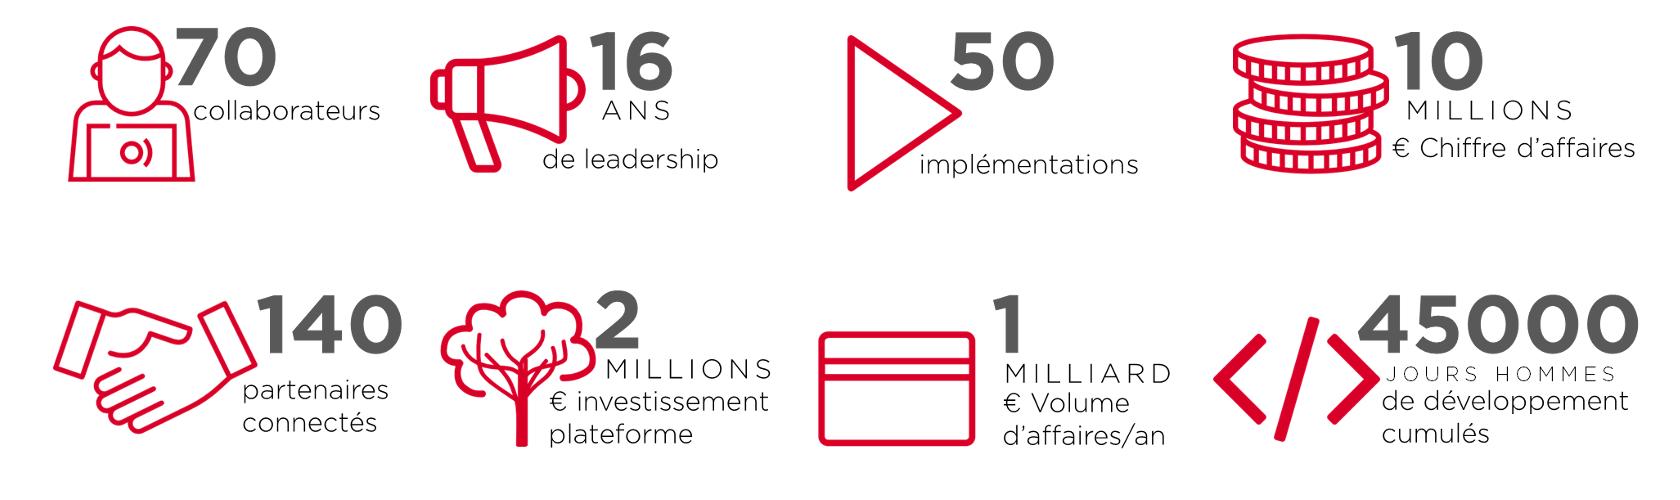 collaborateurs, leadership, partenaires connectés, chiffres d'affaires, investissements, implémentations, volumes d'affaires, jours homme